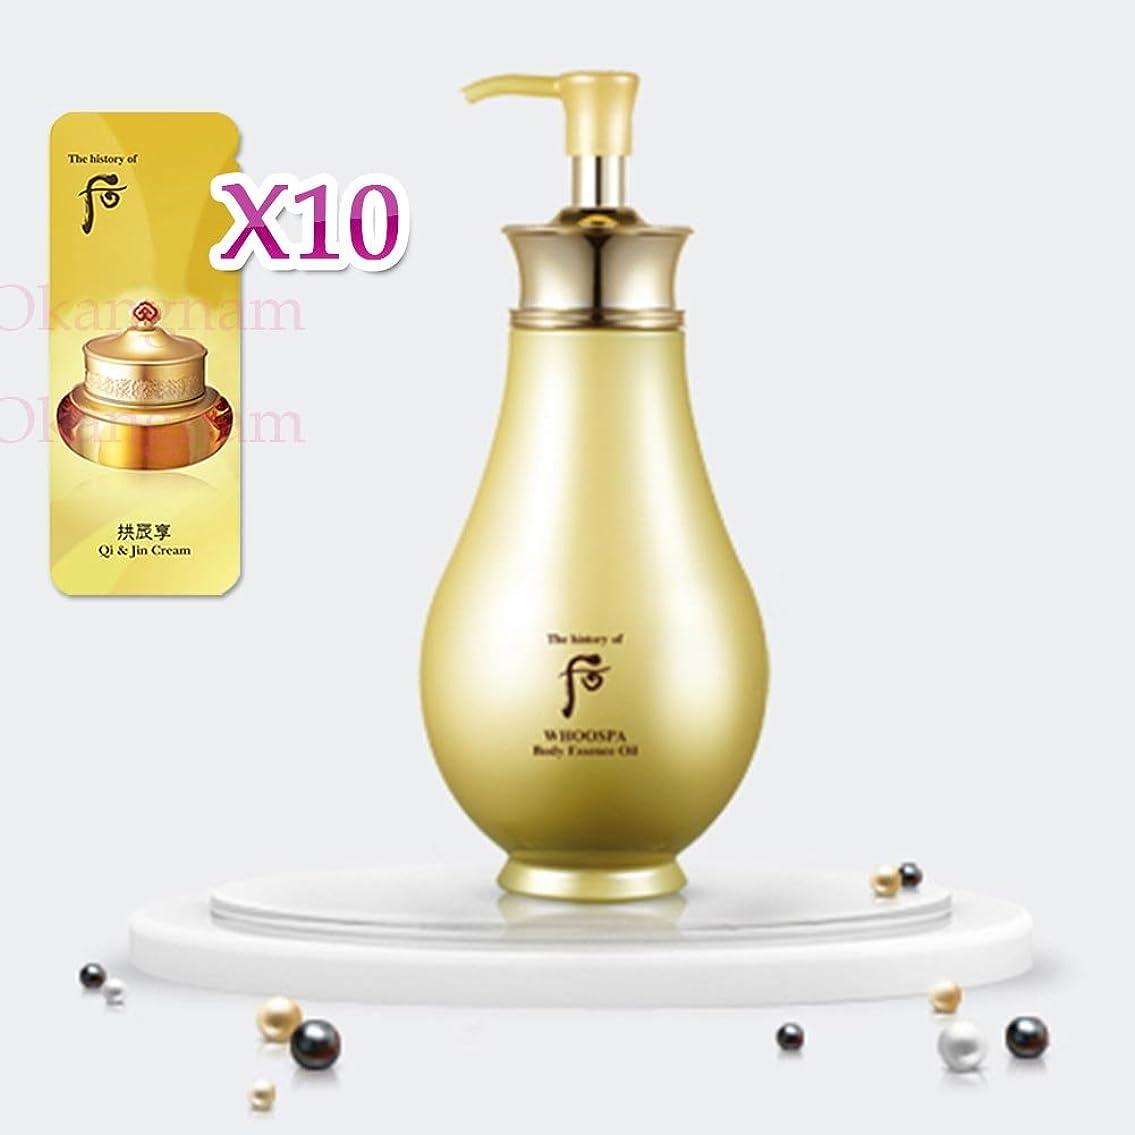 非難する報告書研究【フー/The history of whoo] Whoo后SPA03 Whoo Spa Body Essence Oil/后(フー)フス派ボディエッセンスオイル + [Sample Gift](海外直送品)